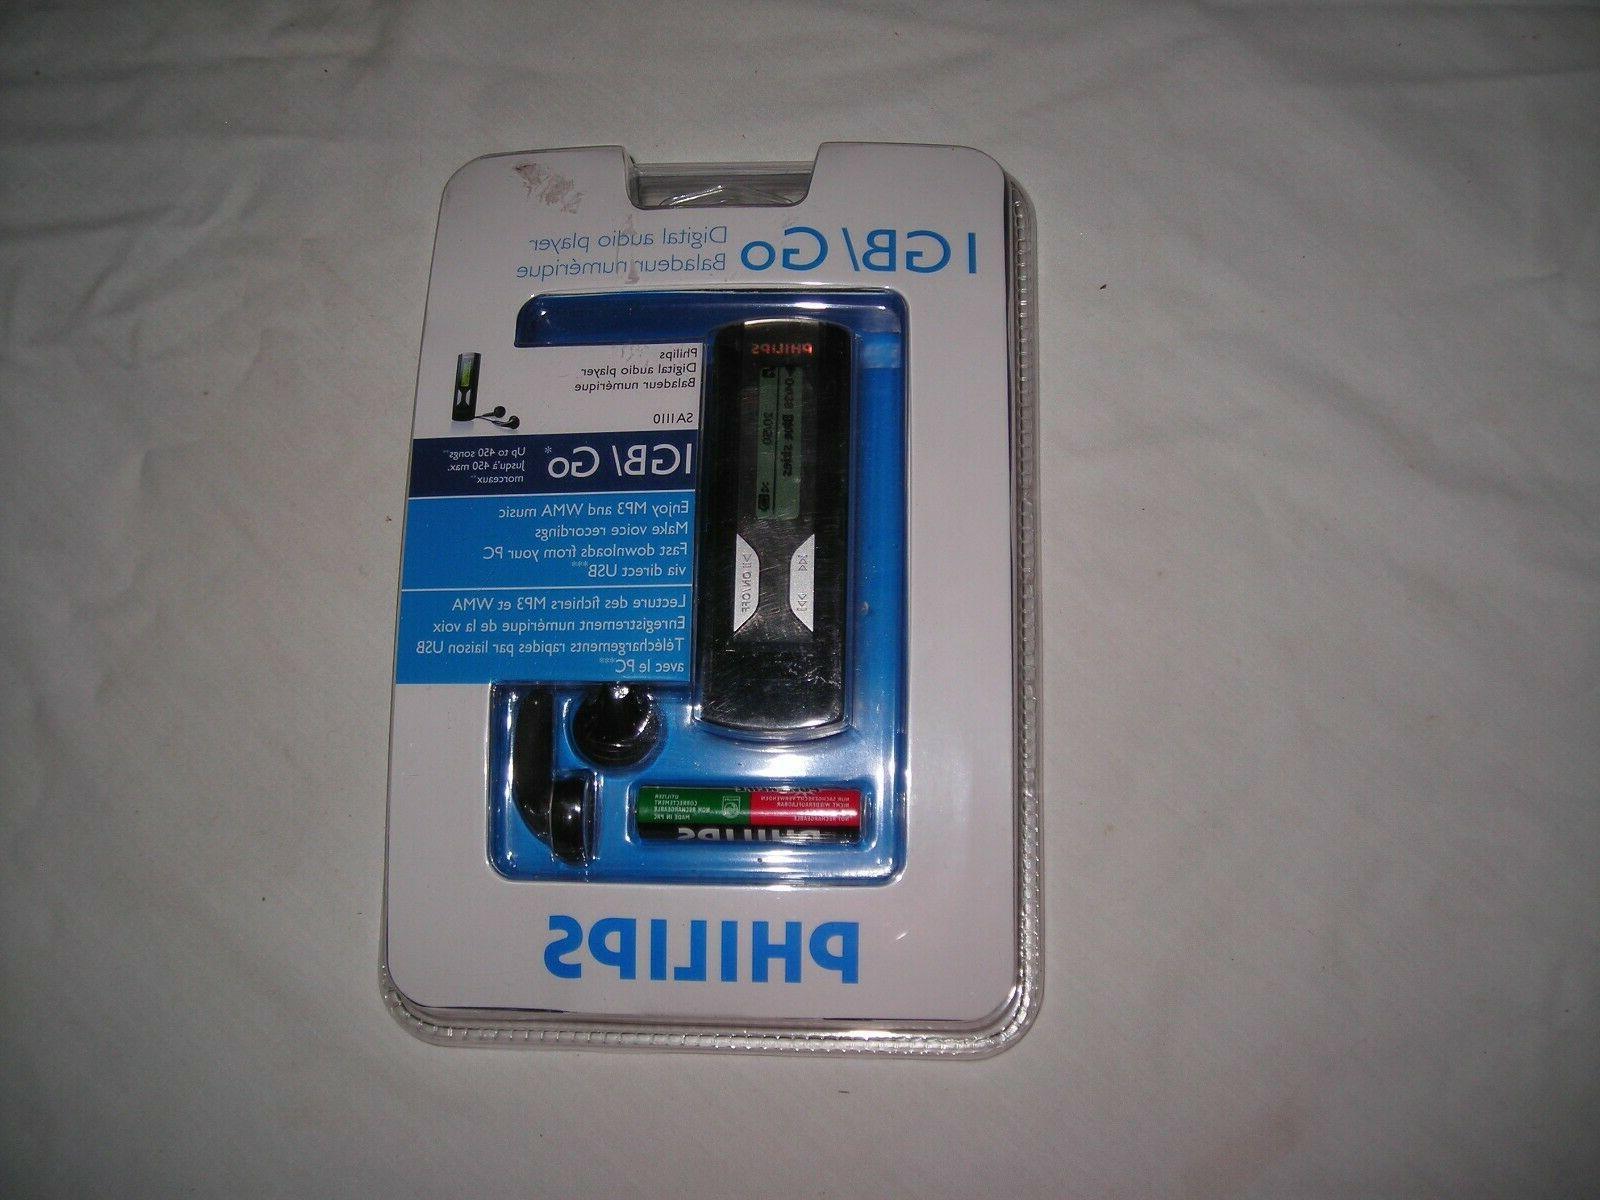 sa1110 37 flash mp3 player